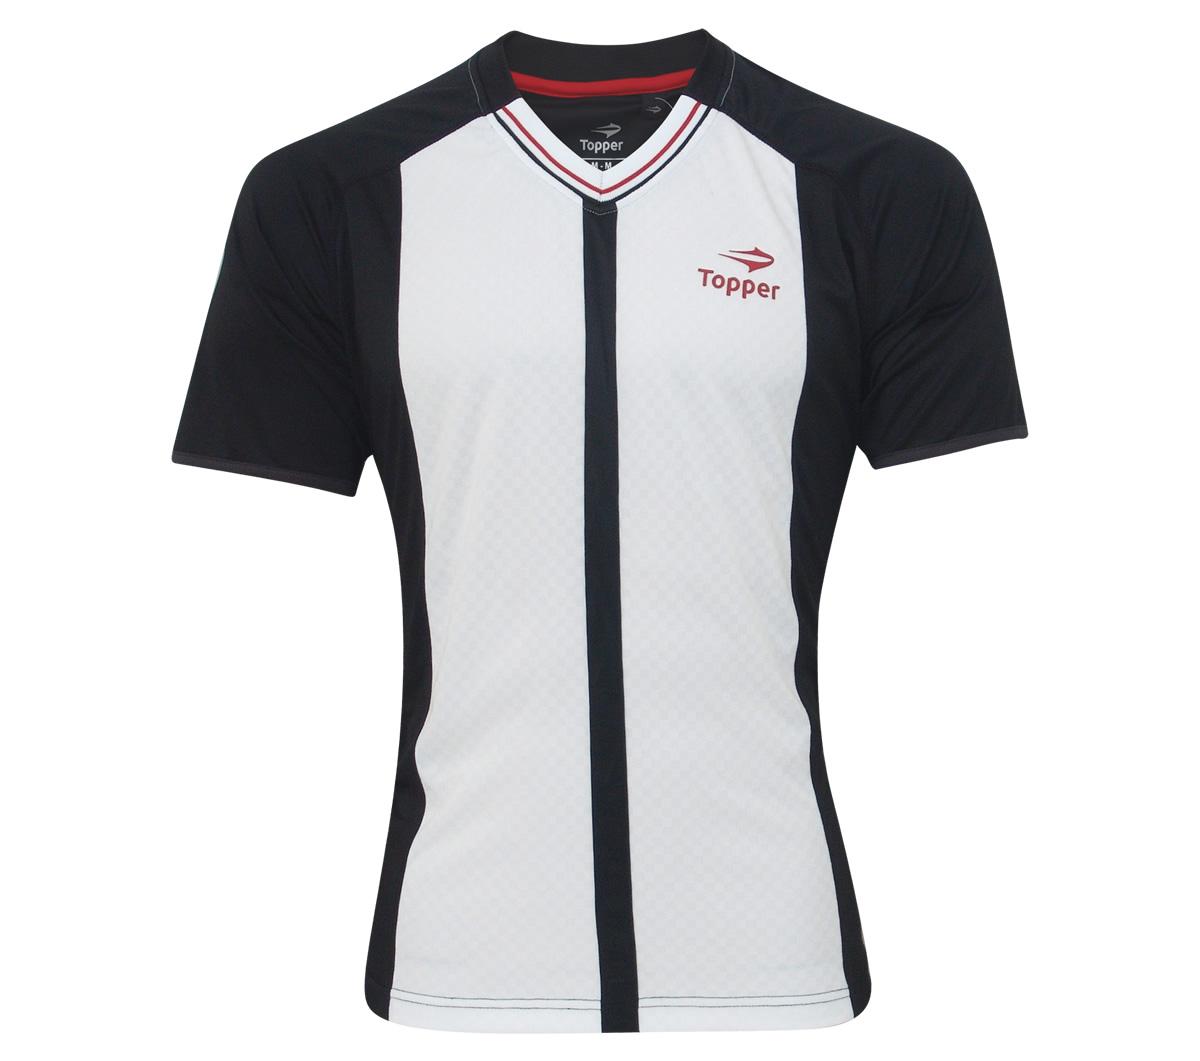 Camisa Topper Futebol Clássico Mito 75 Preta e Branca - Mundo do Futebol c1e39acb16edc